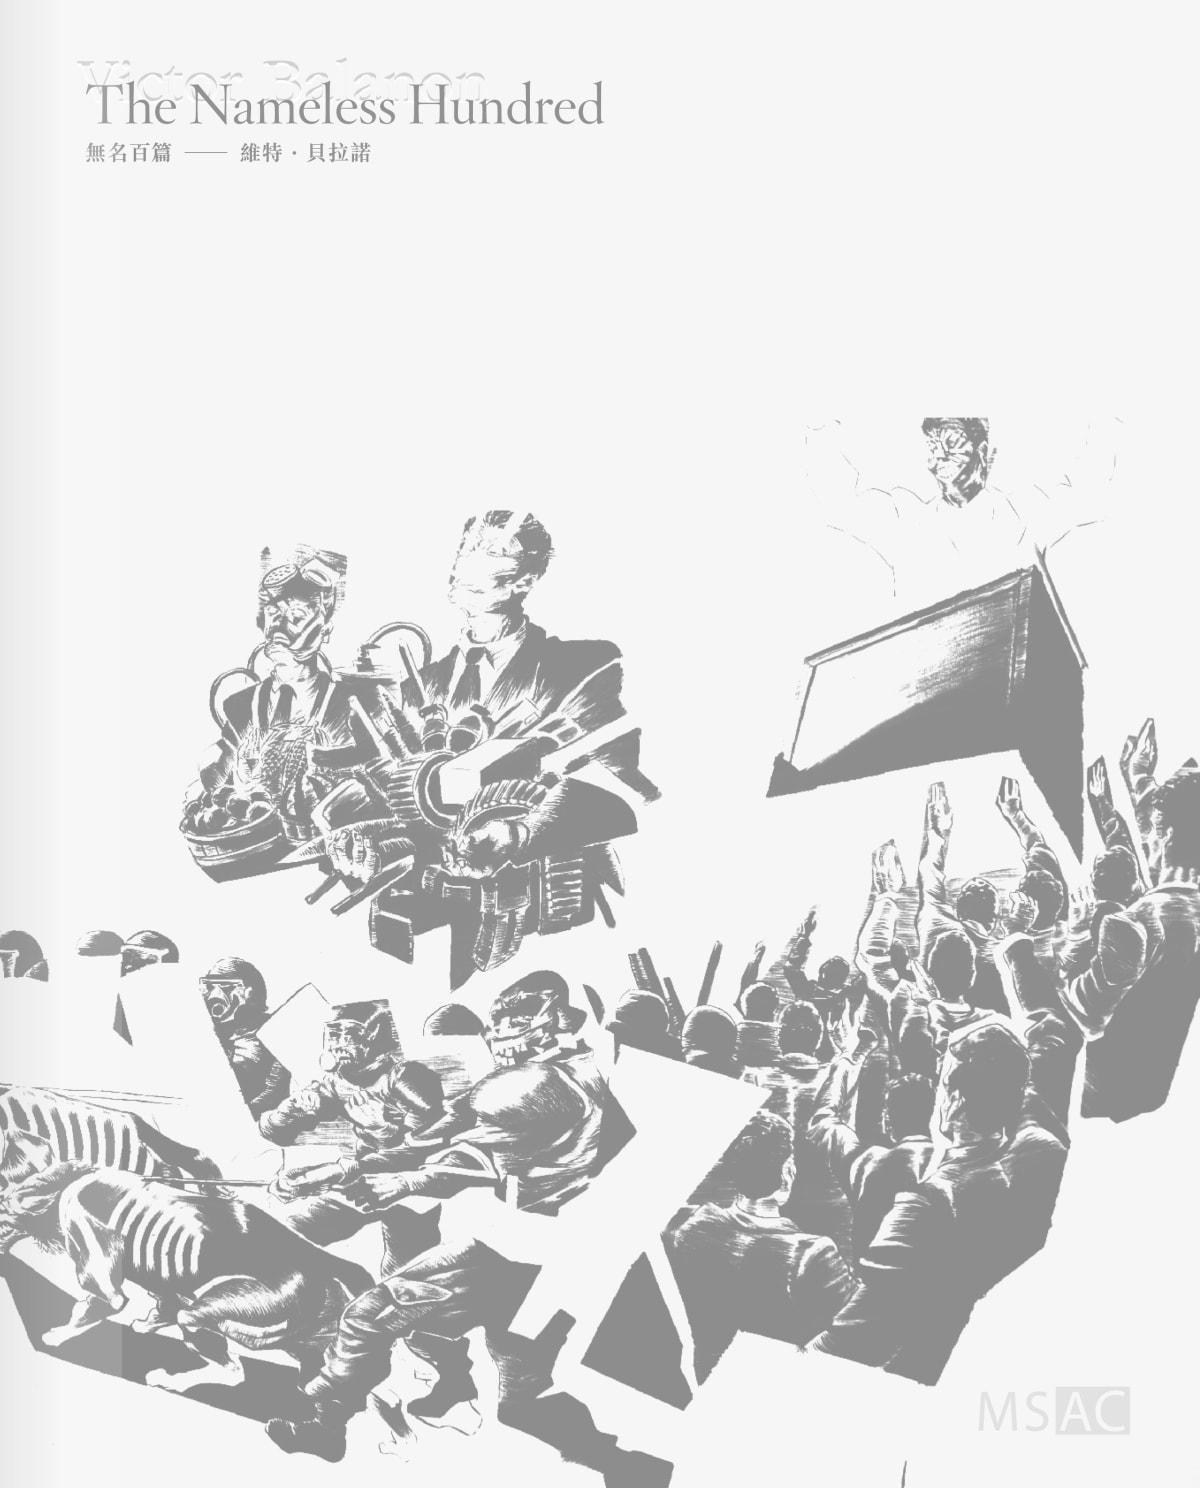 安卓藝術四年特展:無名百篇 維特.貝拉諾/巴別輪廓 派翠西亞.伊斯塔柯